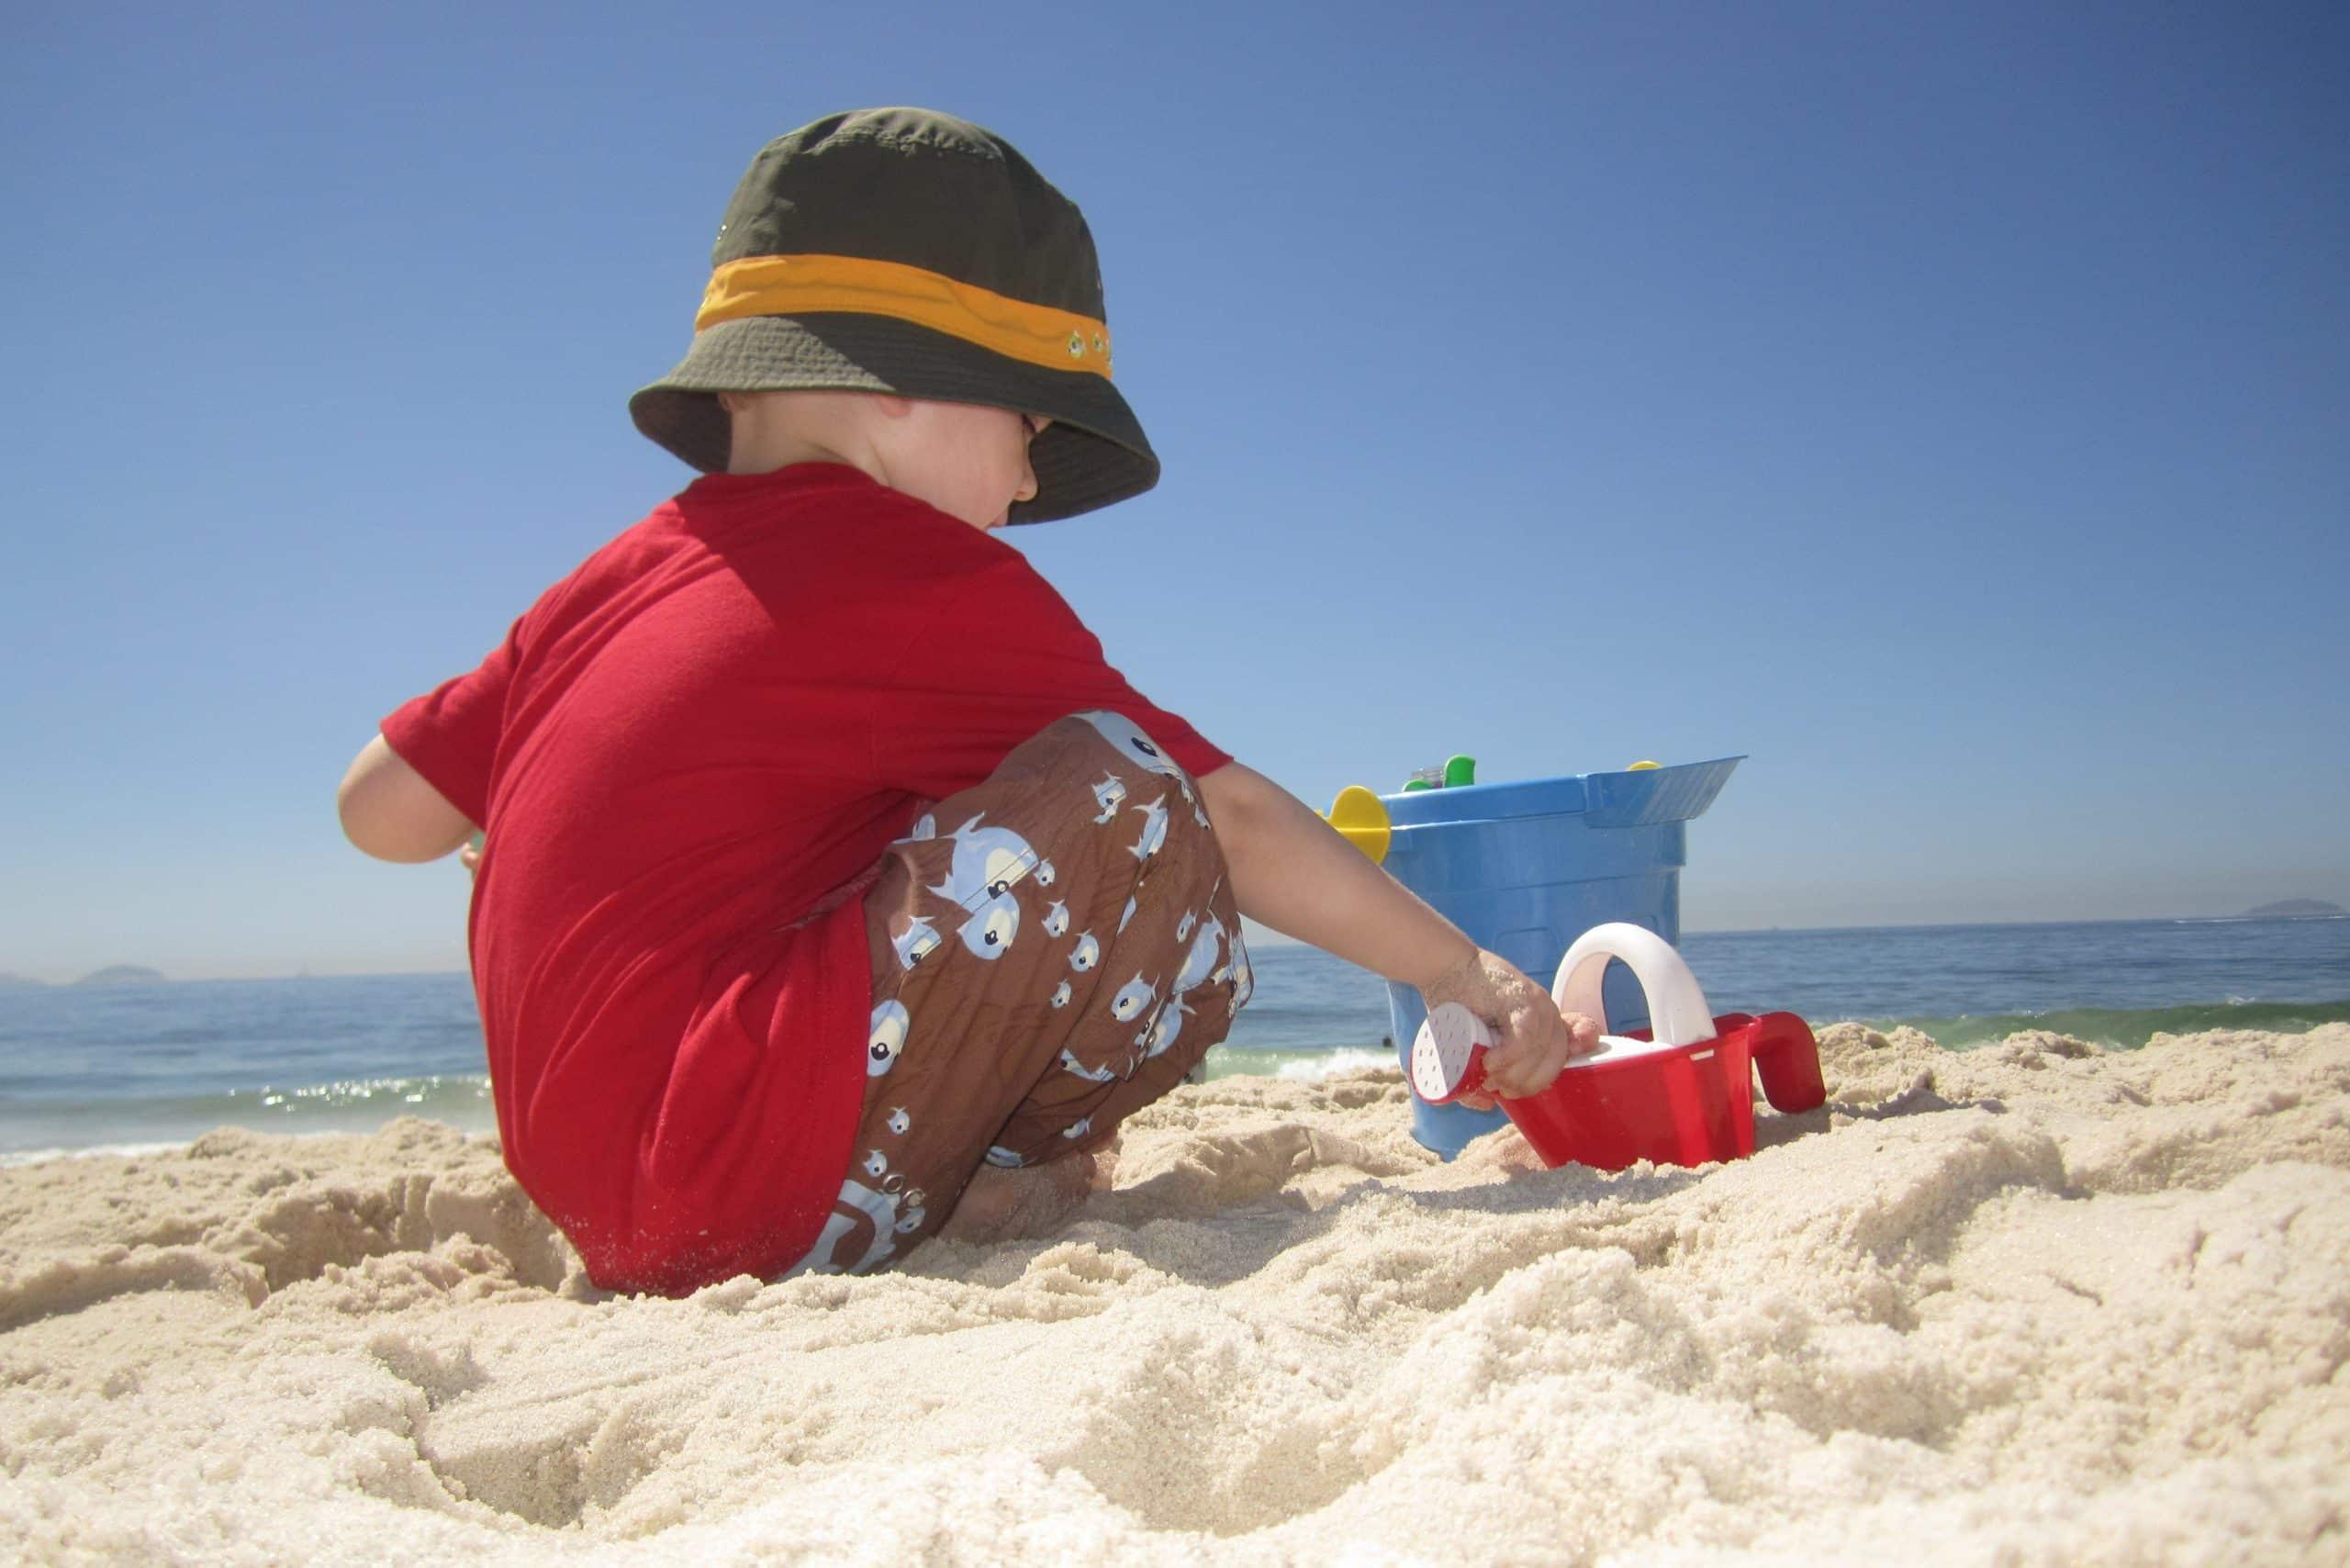 Quelle température devrait aller à la plage?